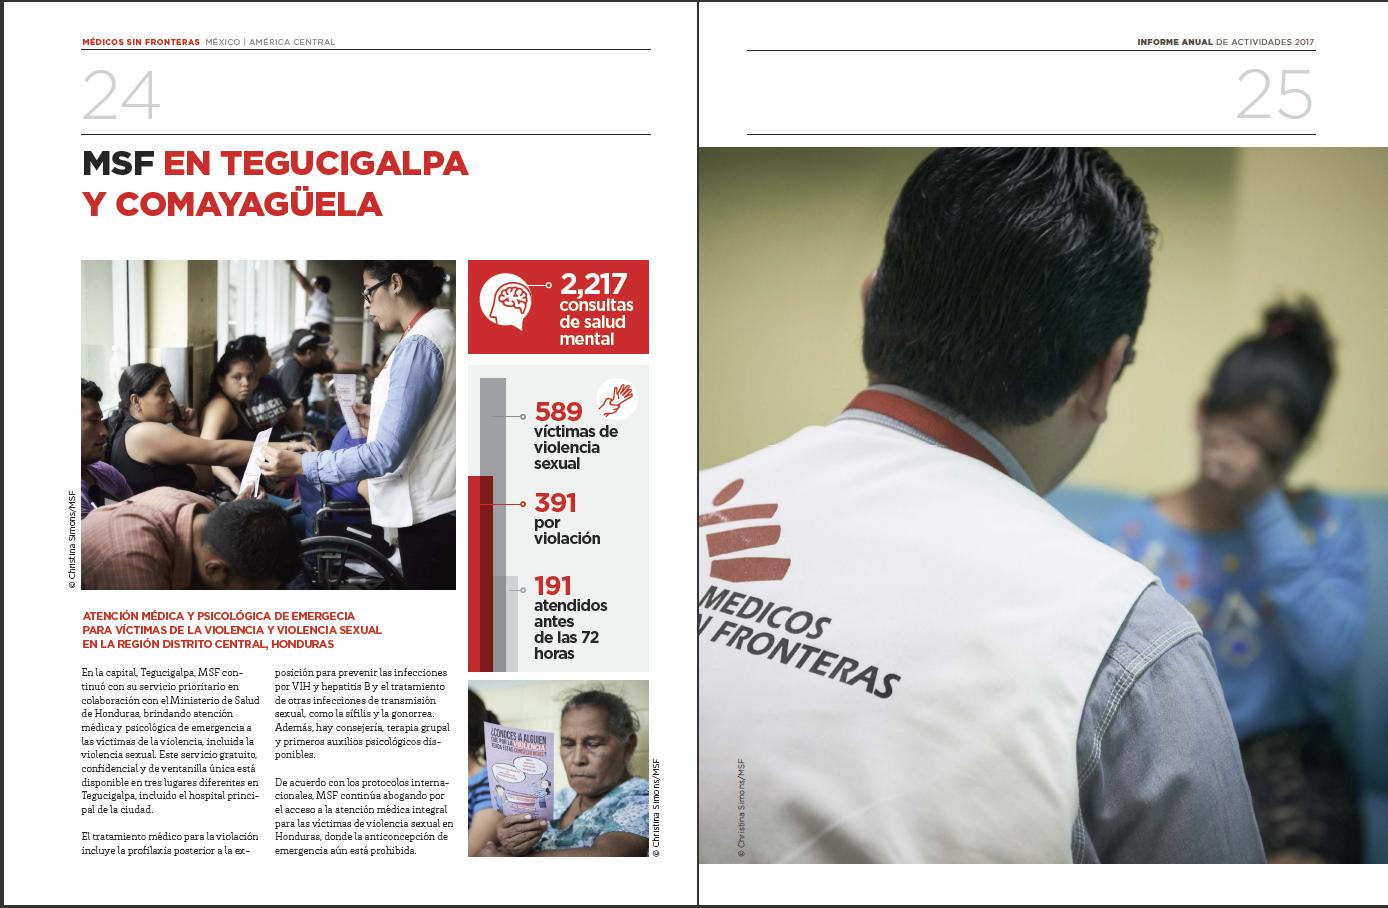 MSF (Medicos Sin Fronteras) 2017 Annual Report of Activities - P3